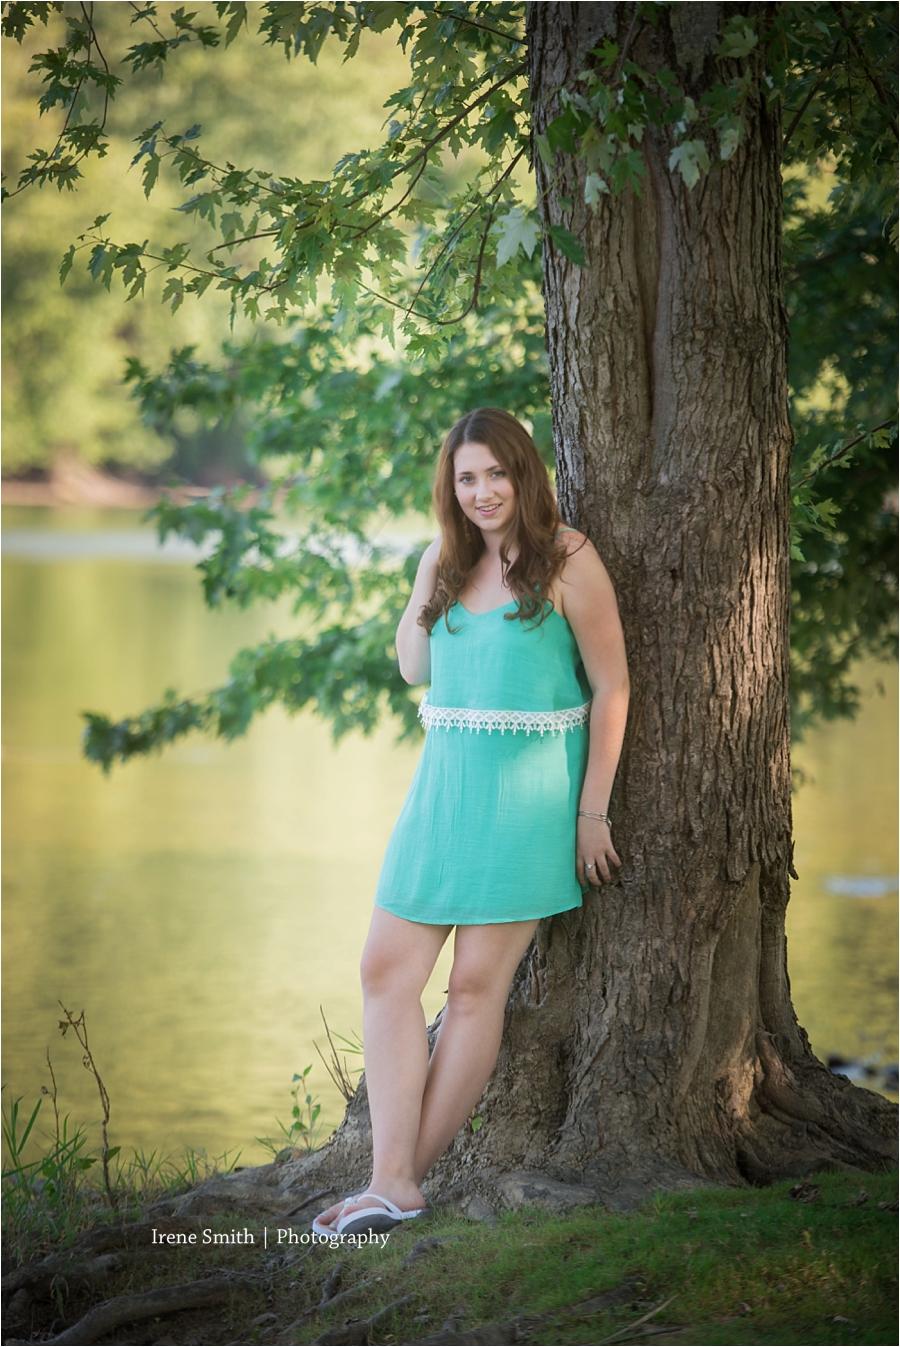 Senior-photography-Irene-Smith-Photography-Oil-City-Franklin-Pennsylvania_0015.jpg